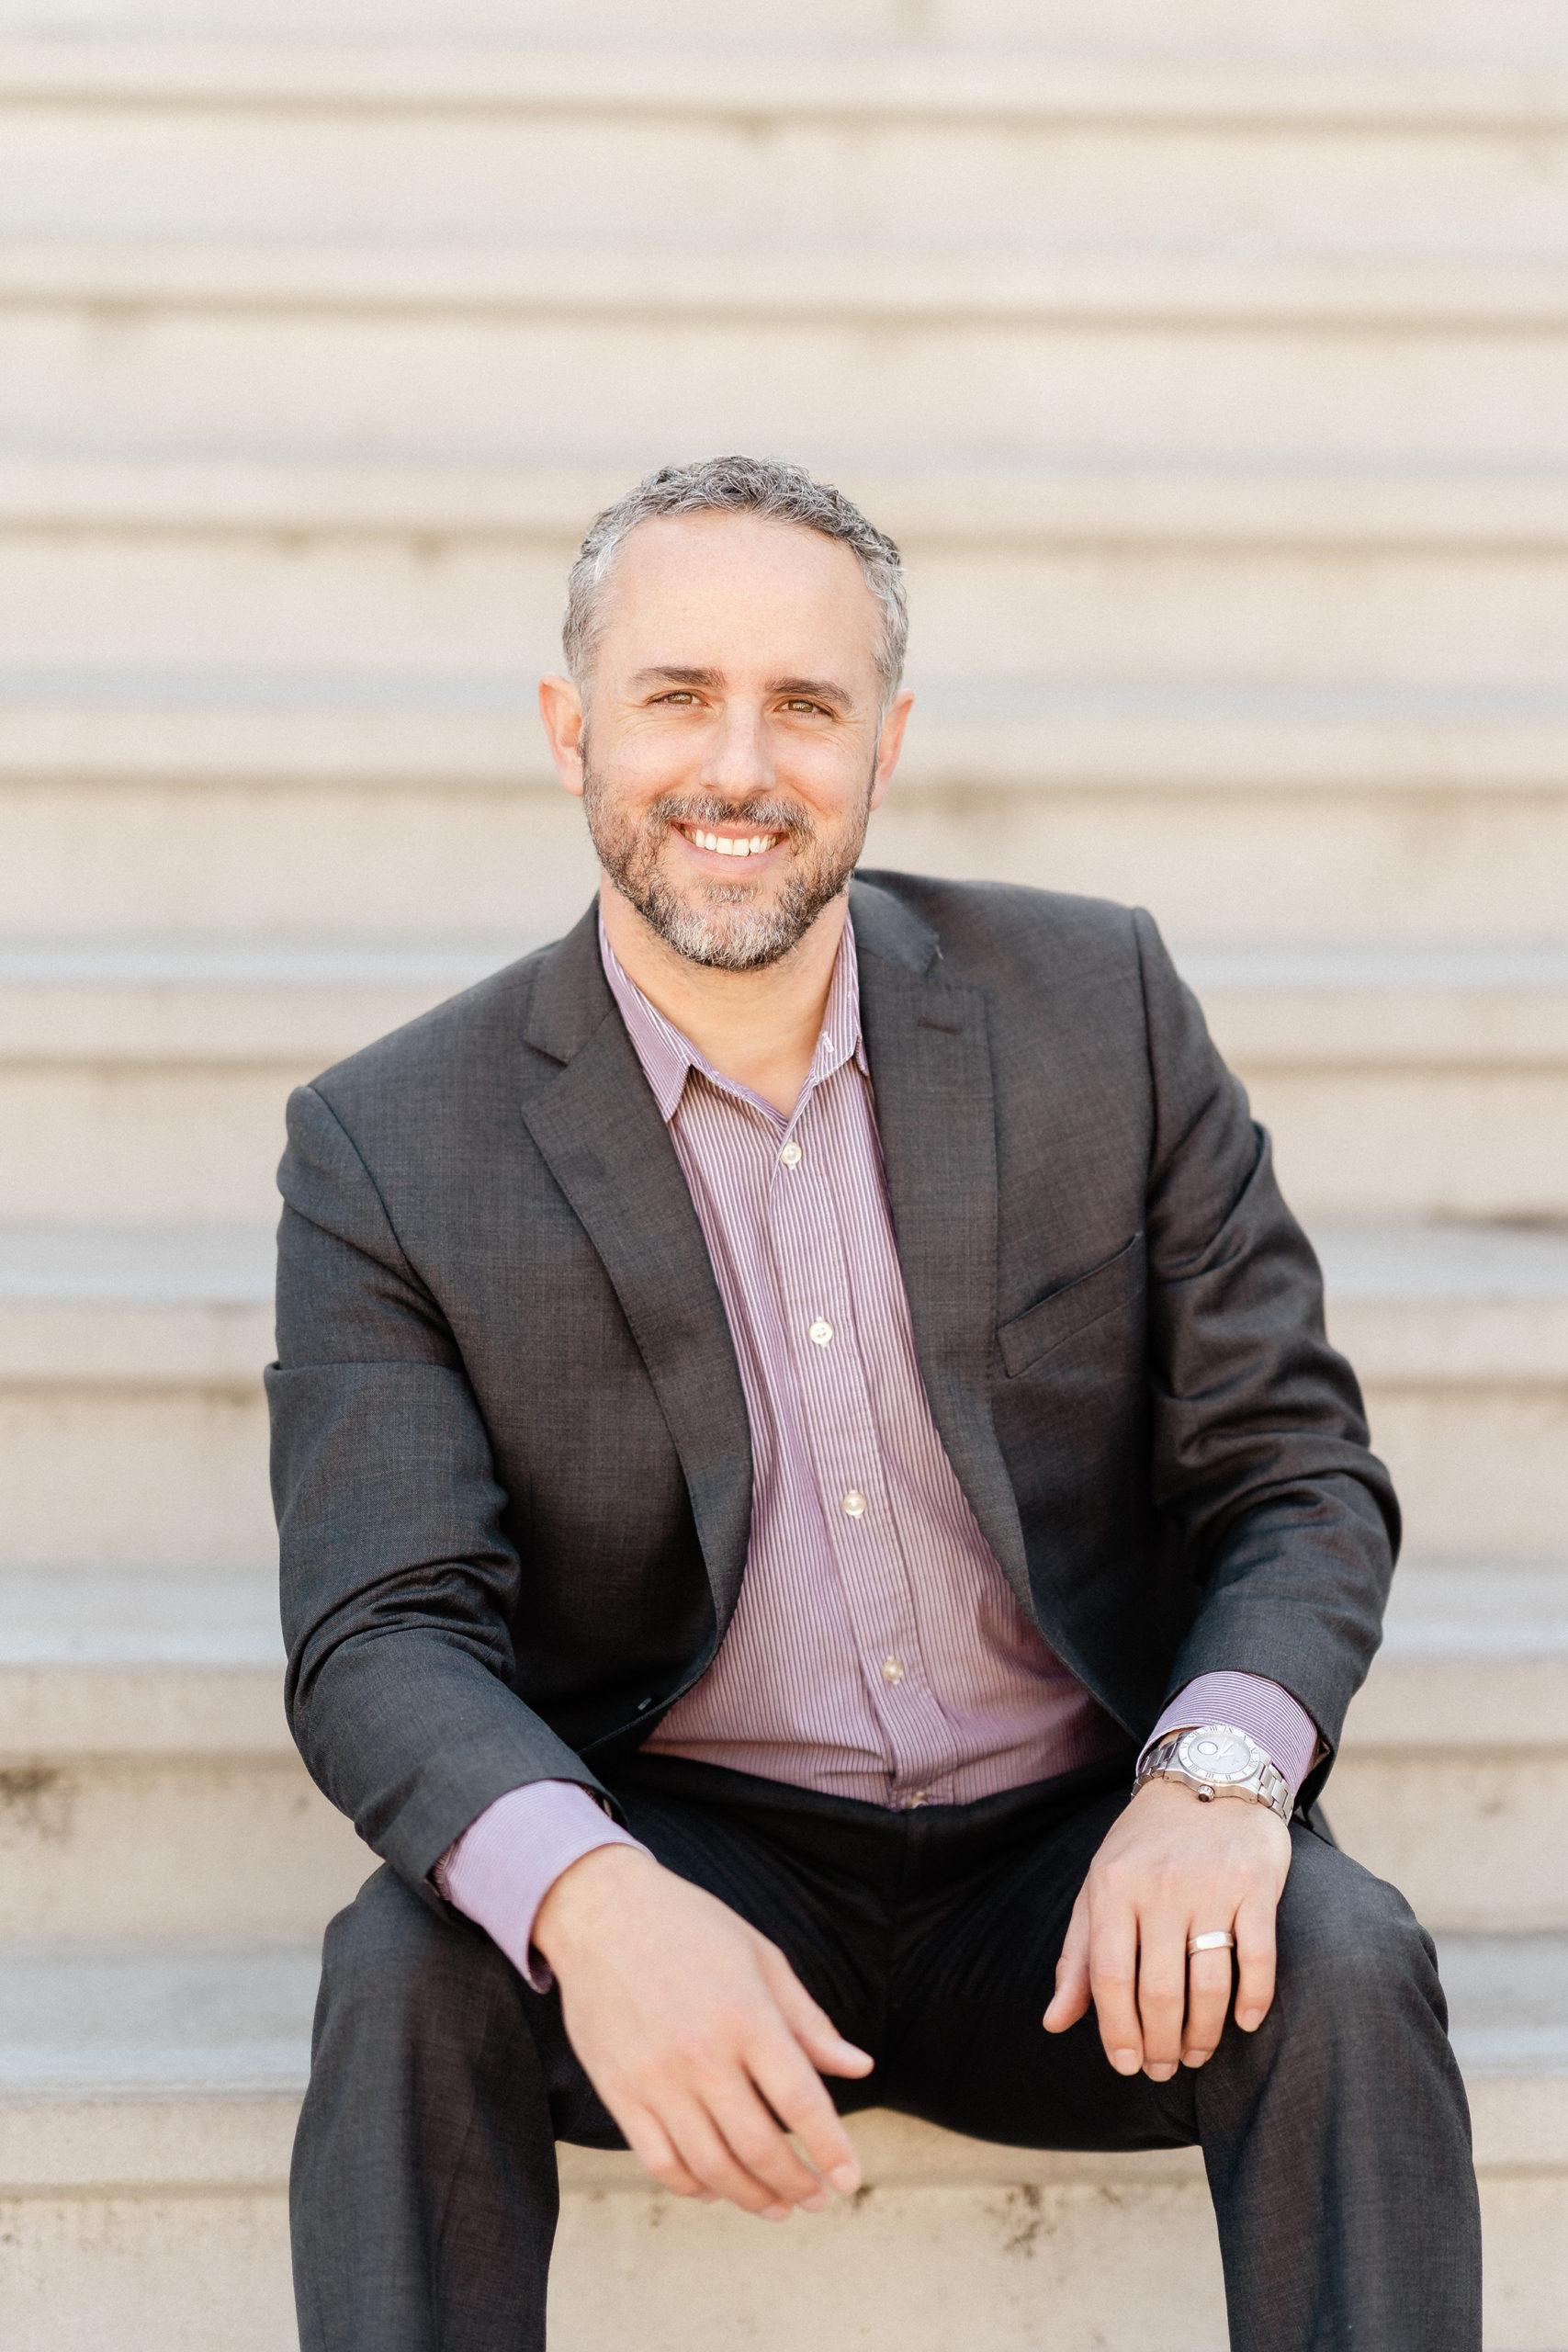 Derek Shebby from Modern Sales Training